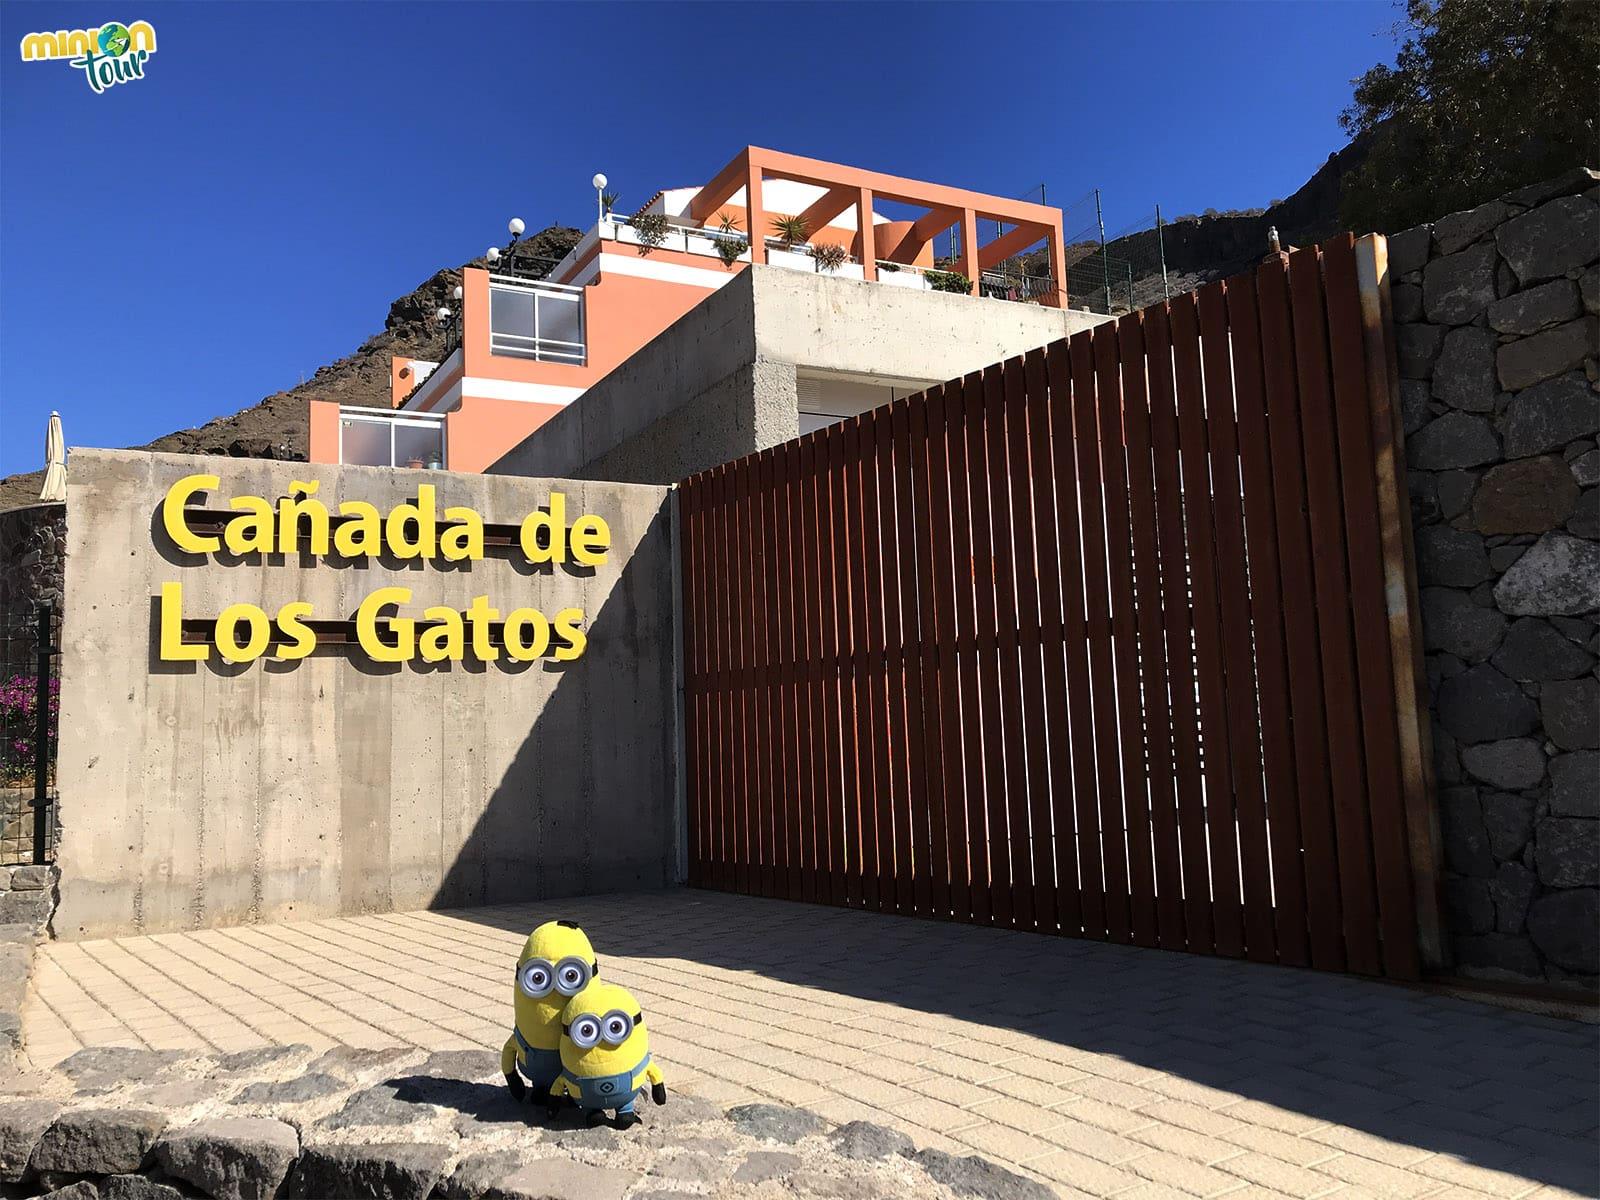 Yacimiento Arqueológico de La Cañada de Los Gatos